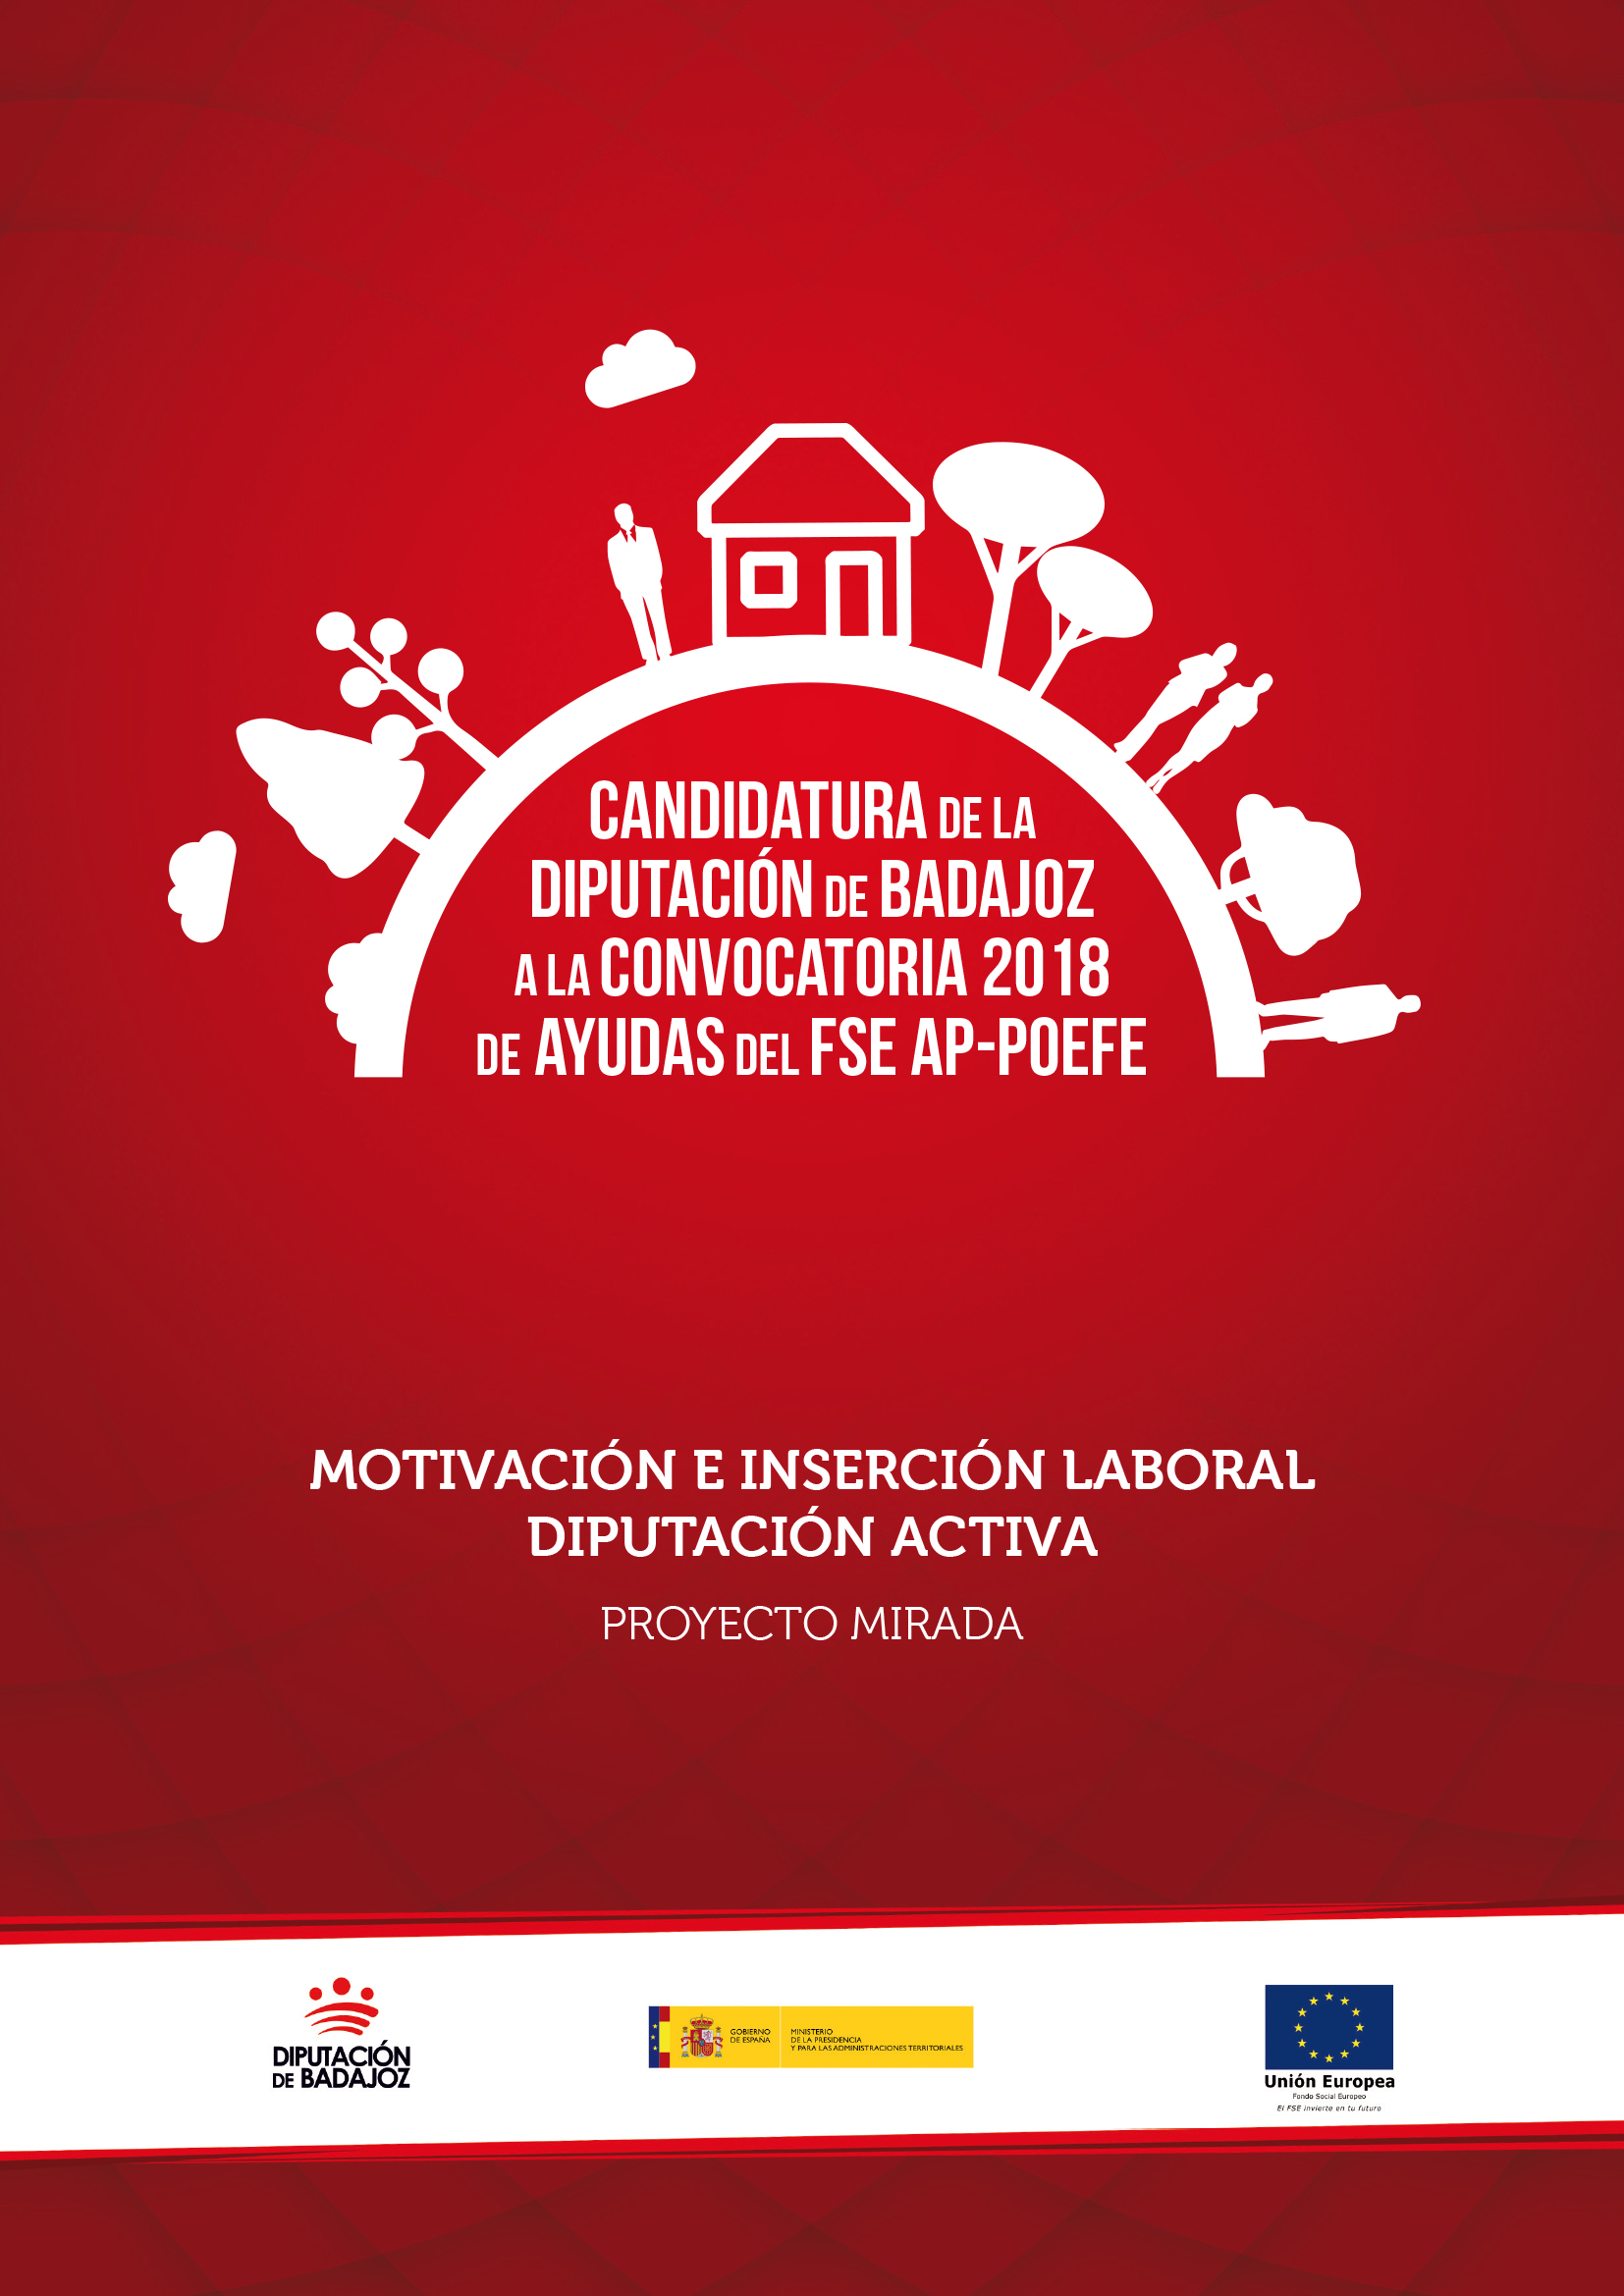 Diseño y elaboración del proyecto MIRADA (Motivación e Inserción Laboral Diputación Activa), promovido por la Diputación Provincial de Badajoz a la Convocatoria 2018 de Ayudas del Fondo Social Europeo en el marco del Programa Operativo de Empleo, Formación y Educación (AP-POEFE),  destinadas a entidades locales para la inserción de las personas más vulnerables.